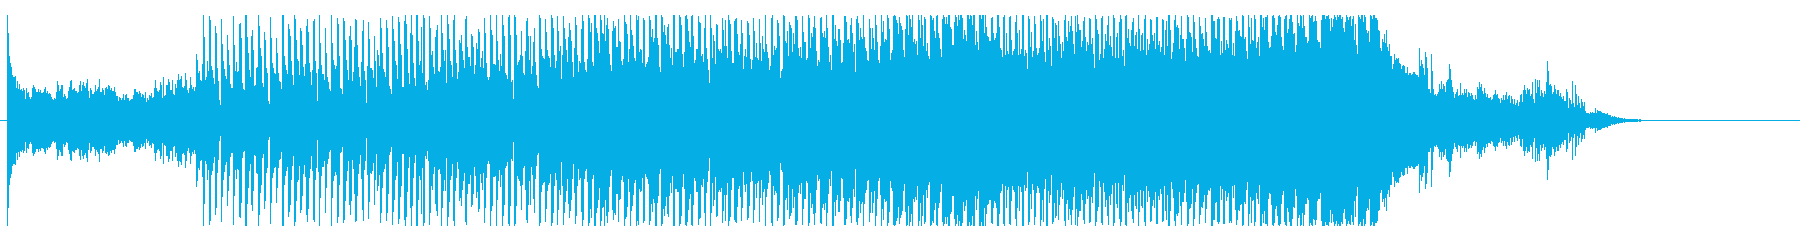 スピード スリル 追跡 緊張 社会問題の再生済みの波形